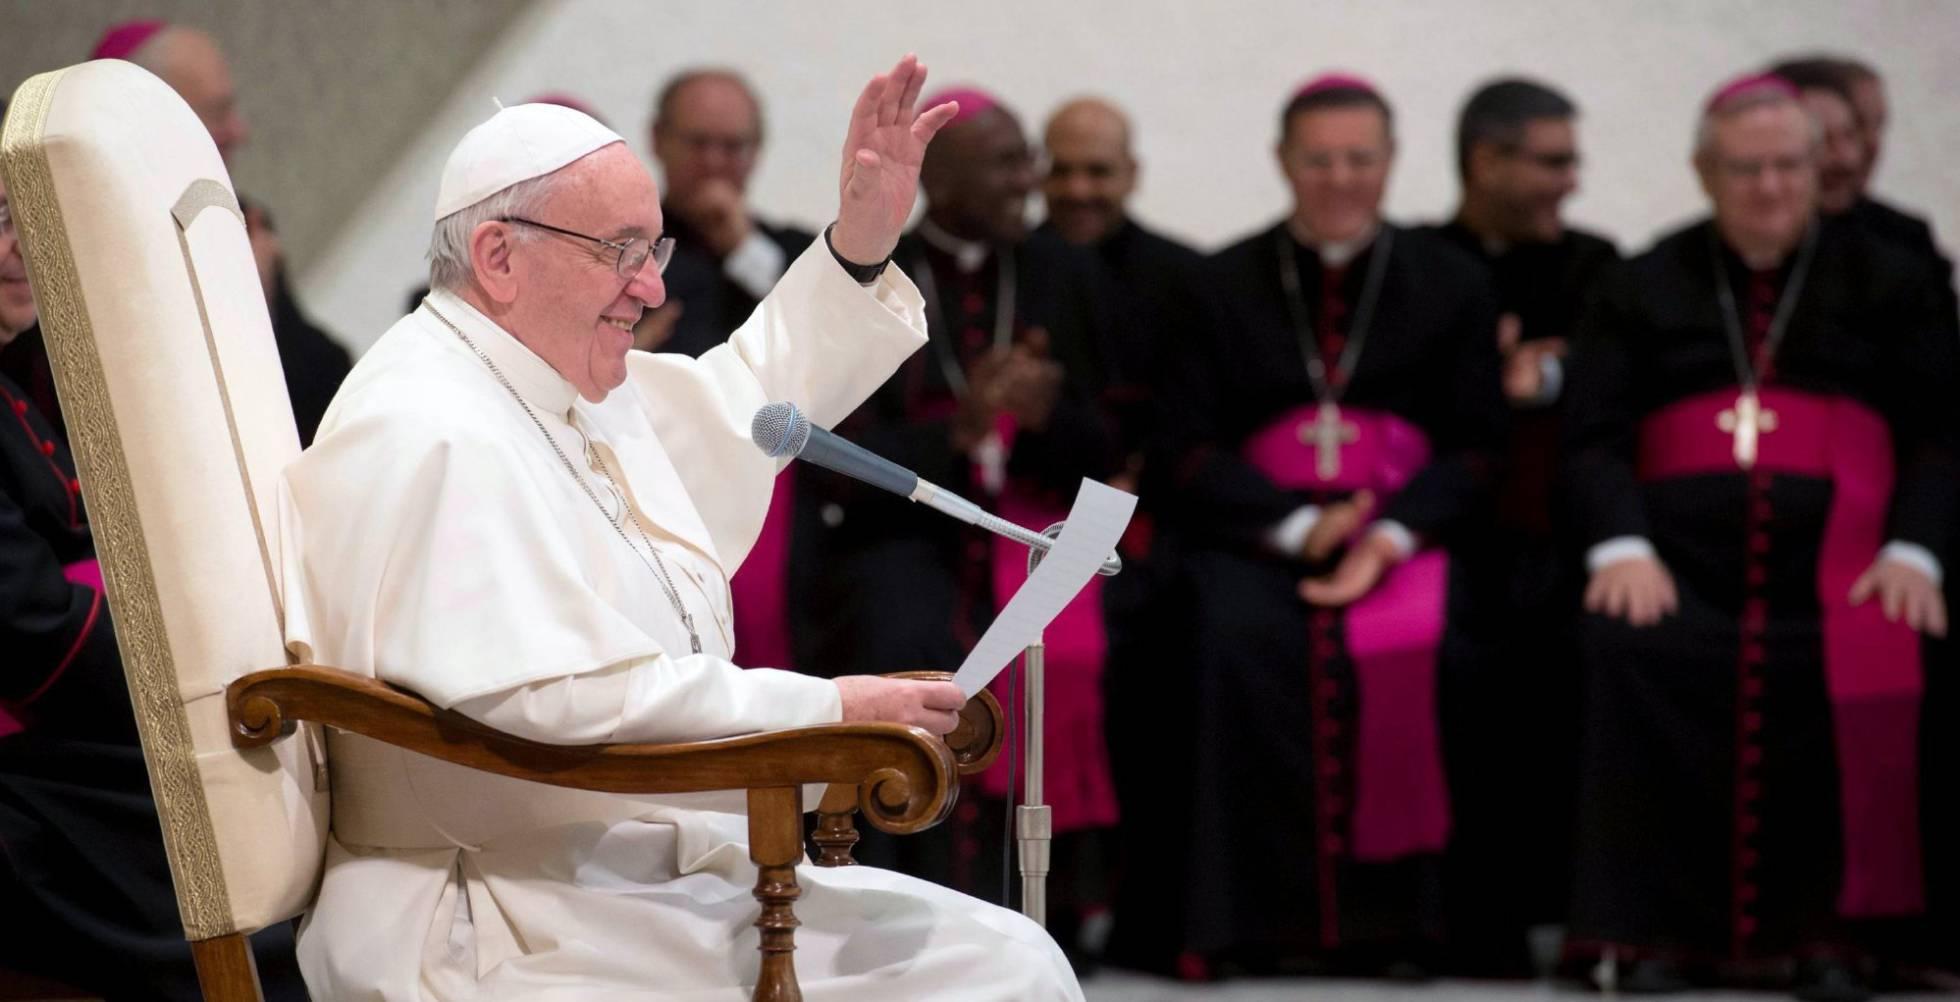 Los cardenales reformistas cierran filas en torno al Papa ante la ofensiva conservadora